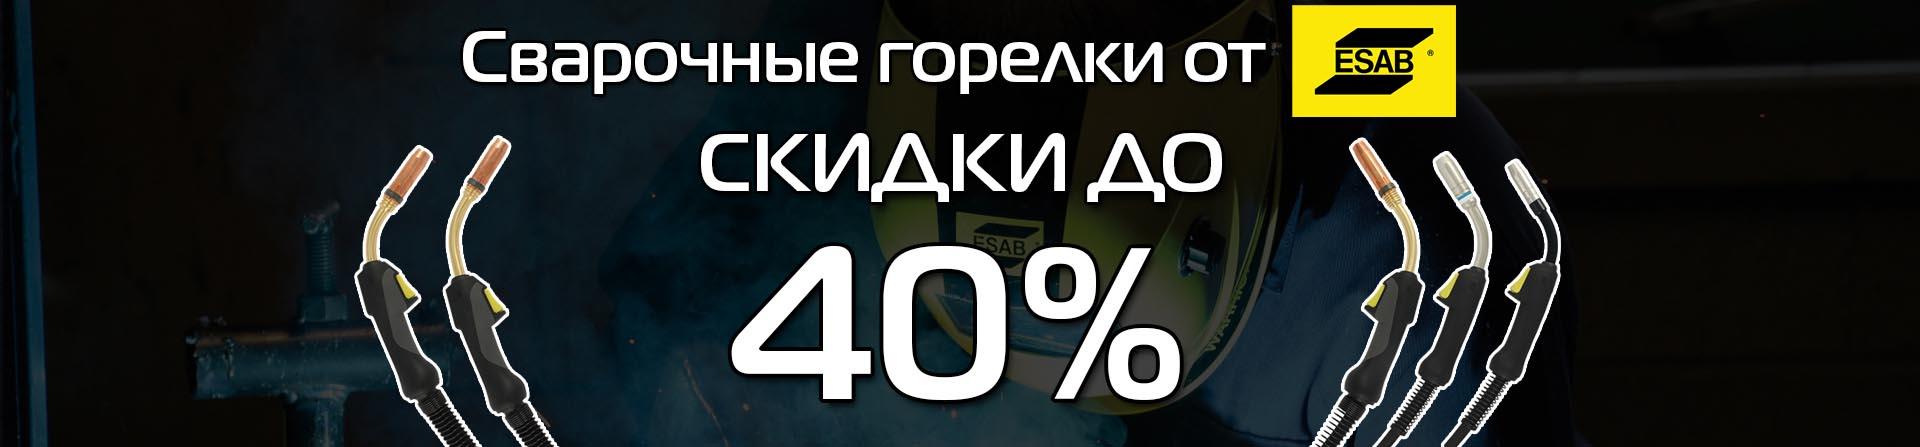 Горелки ESAB, скидки до 40%